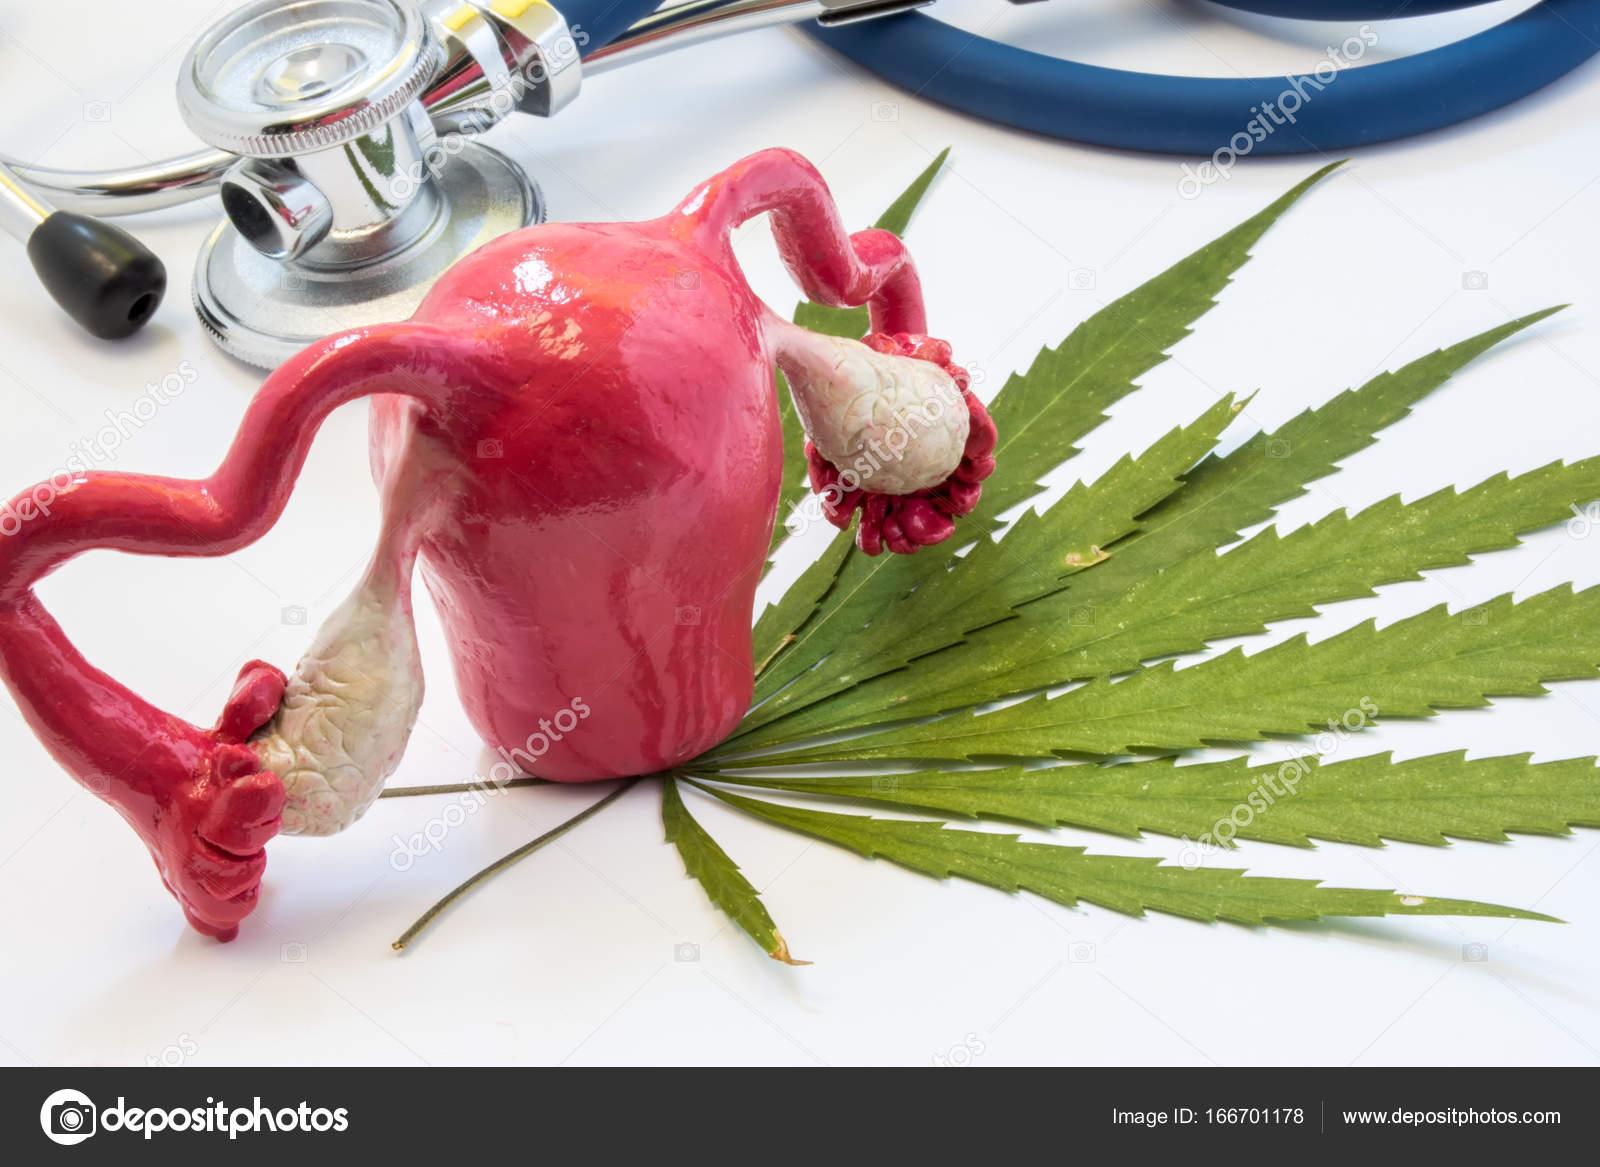 Положительное воздействие марихуаны хранение марихуаны в значительном